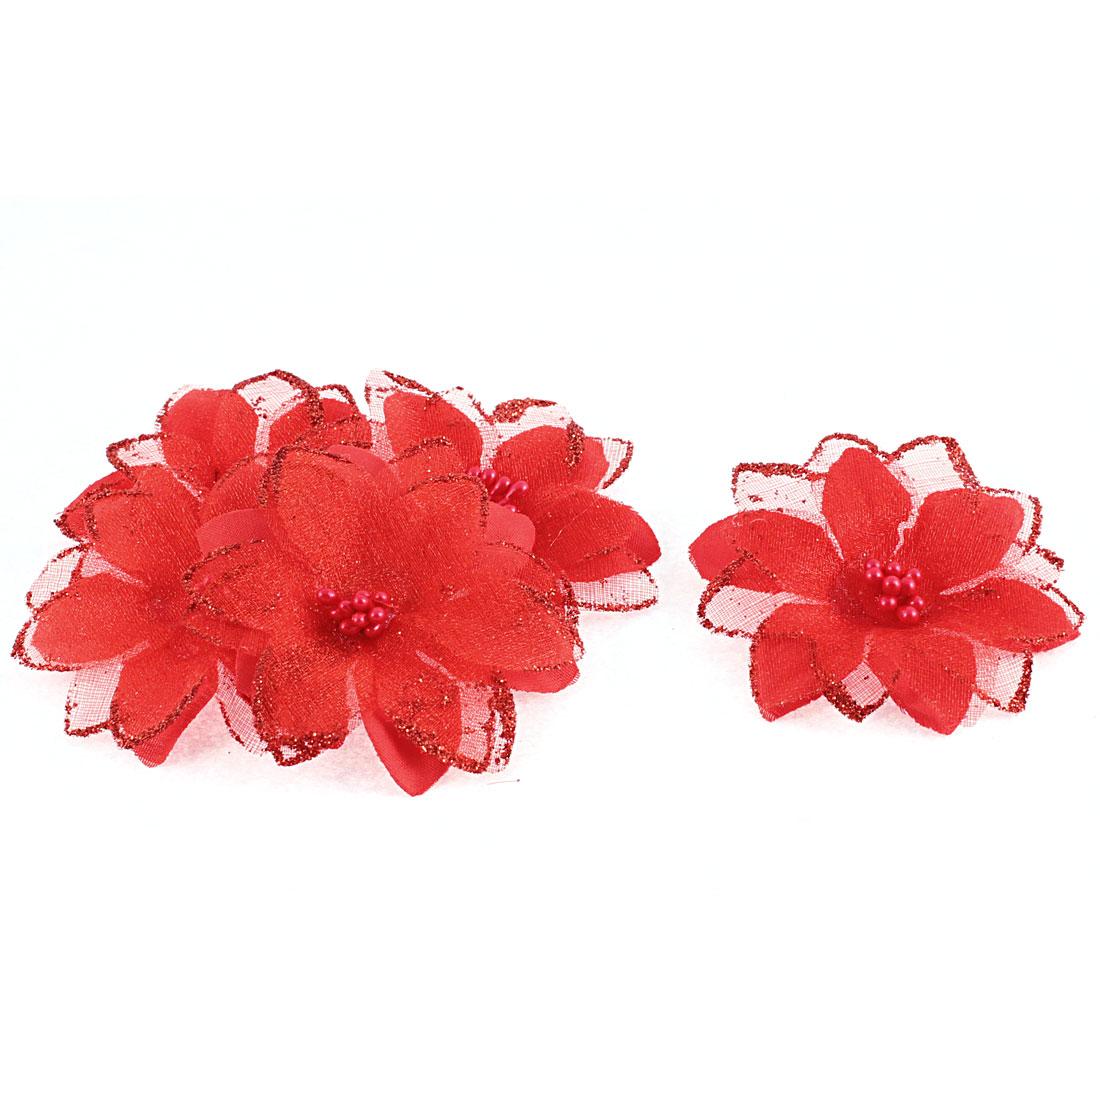 Party Wedding Bride Veil Dress Decorative Artificial Flower Red 6cm Dia 5pcs